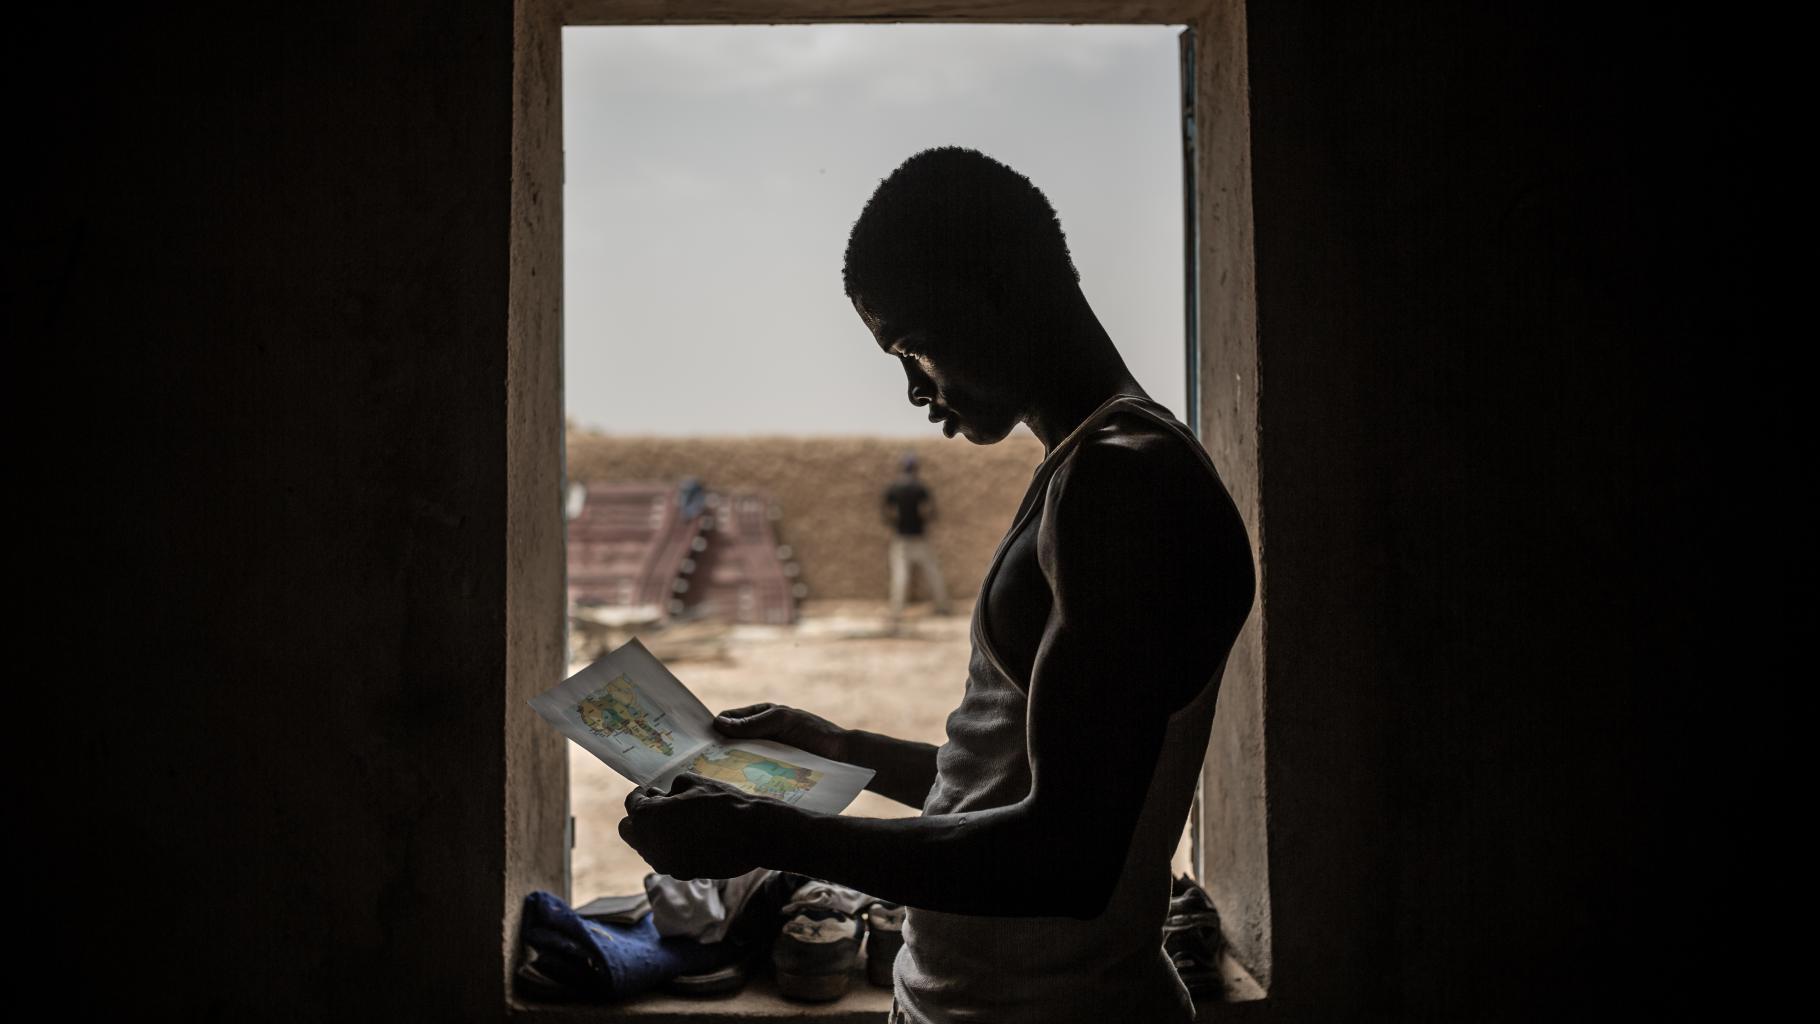 Ibrahim aus Gambia in Agadez, Niger